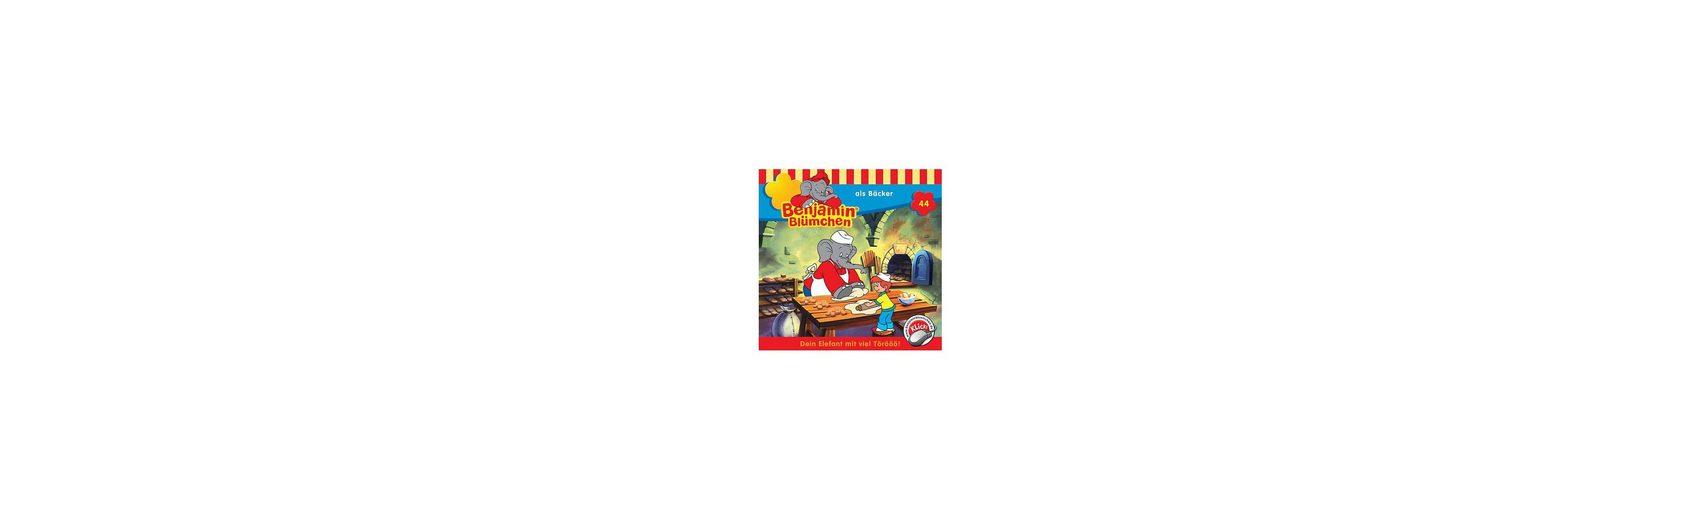 Kiddinx CD Benjamin Blümchen 44: Als Bäcker